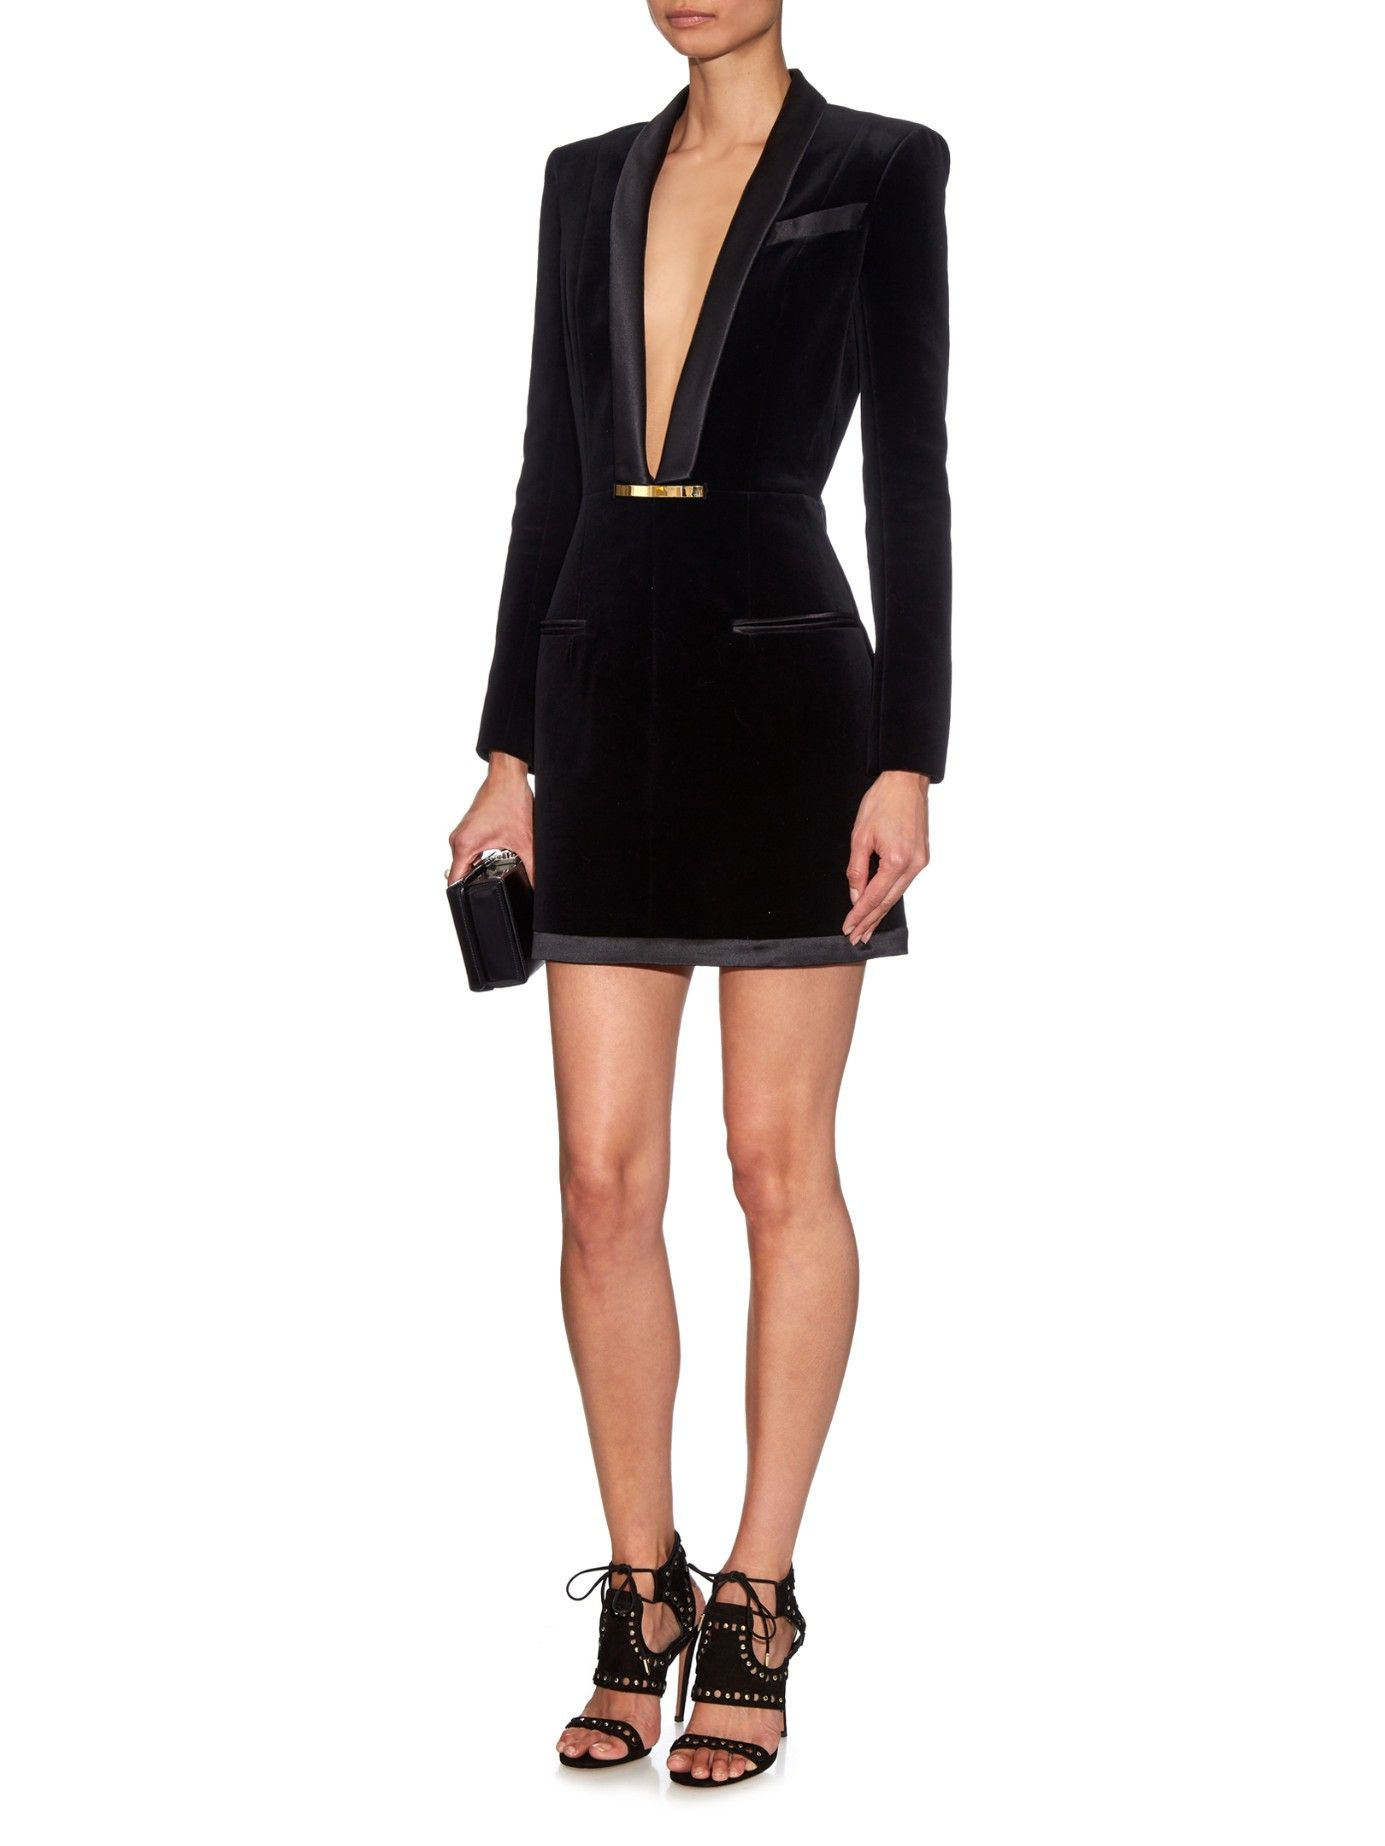 Buy balmain womenus black vneck velvet dress starting at